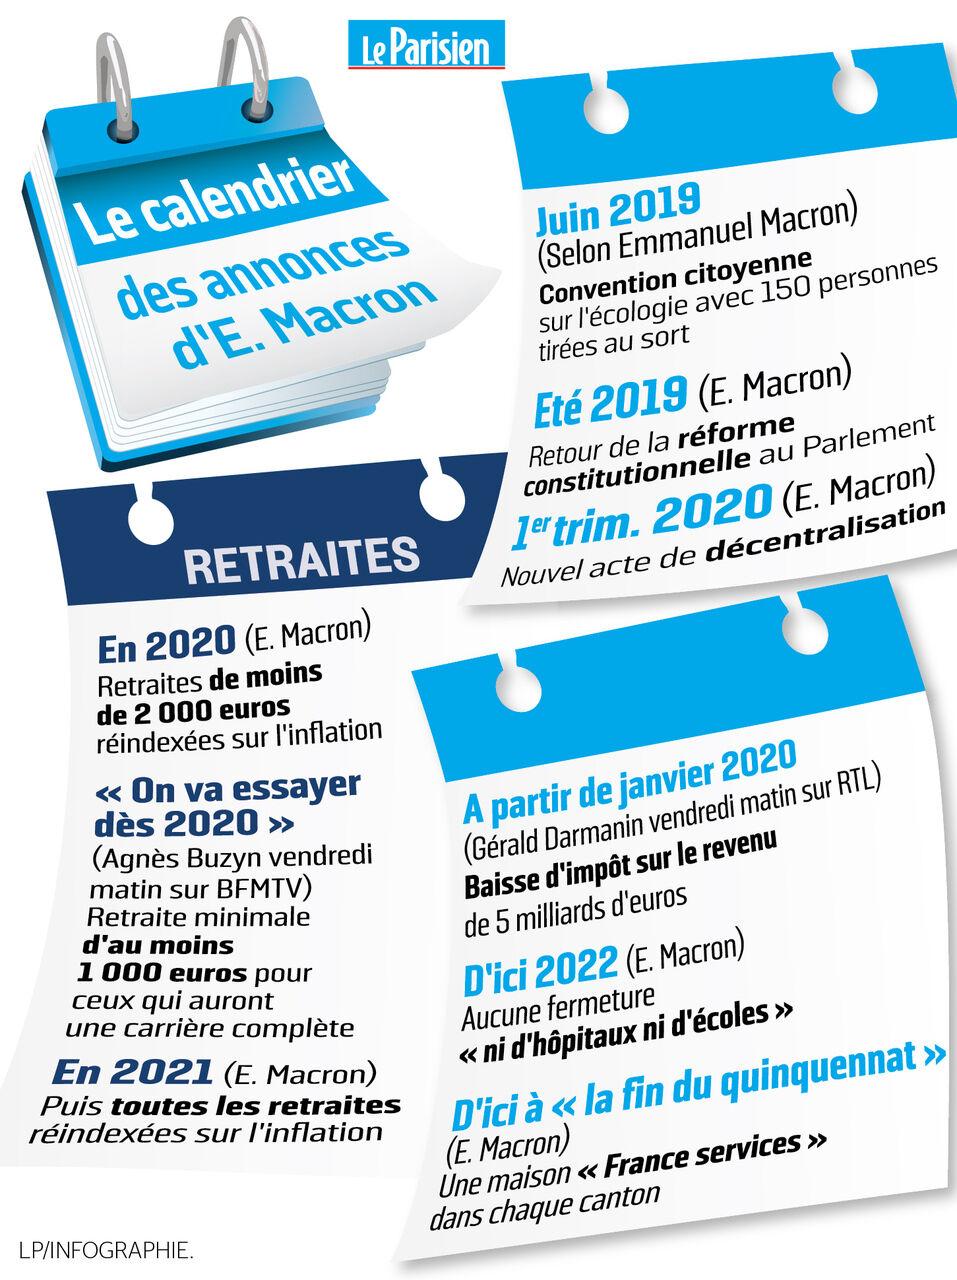 Calendrier Reforme Retraite 2021 De juin à 2019 à 2025, le calendrier prévu des annonces de Macron